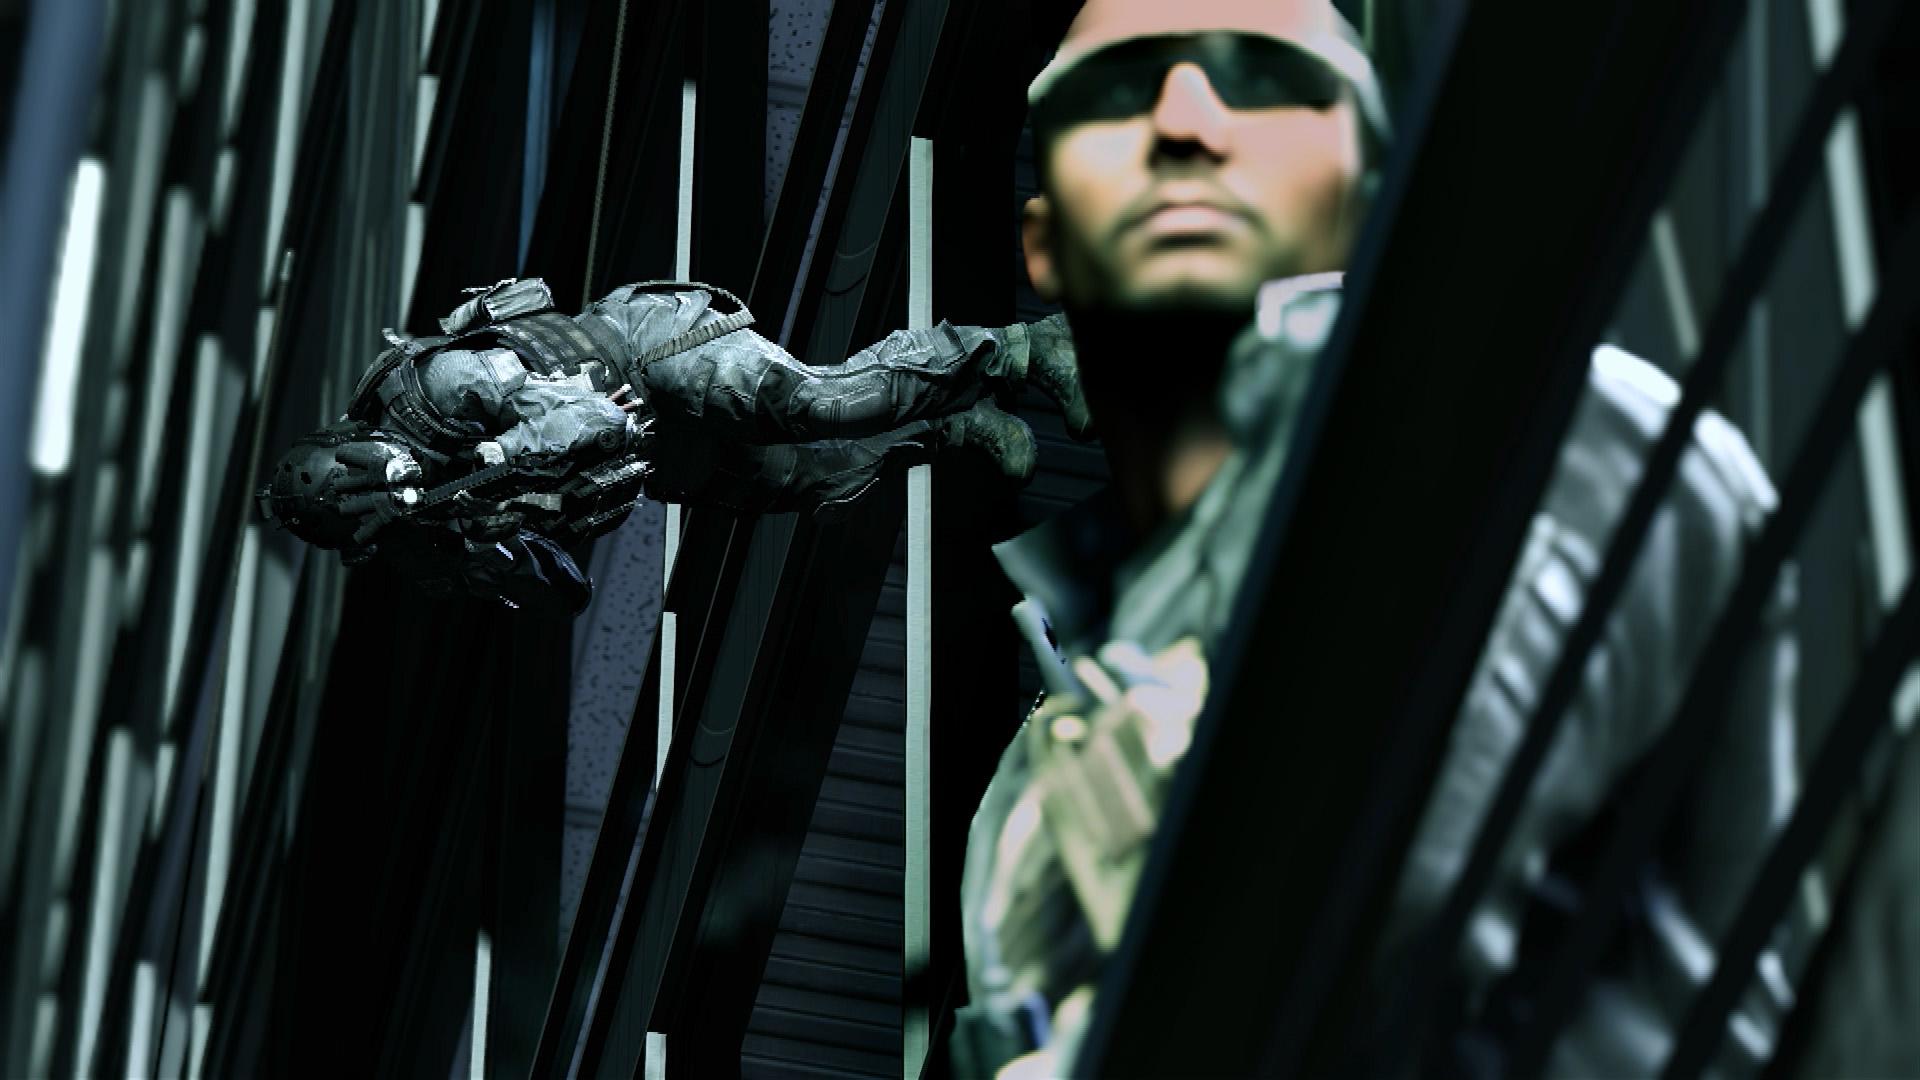 誰も正体を知らず、戦い続ける伝説の部隊「ゴースト」。彼らは実在しているのか? アメリカ兵の中では彼らの噂をするものも多い。